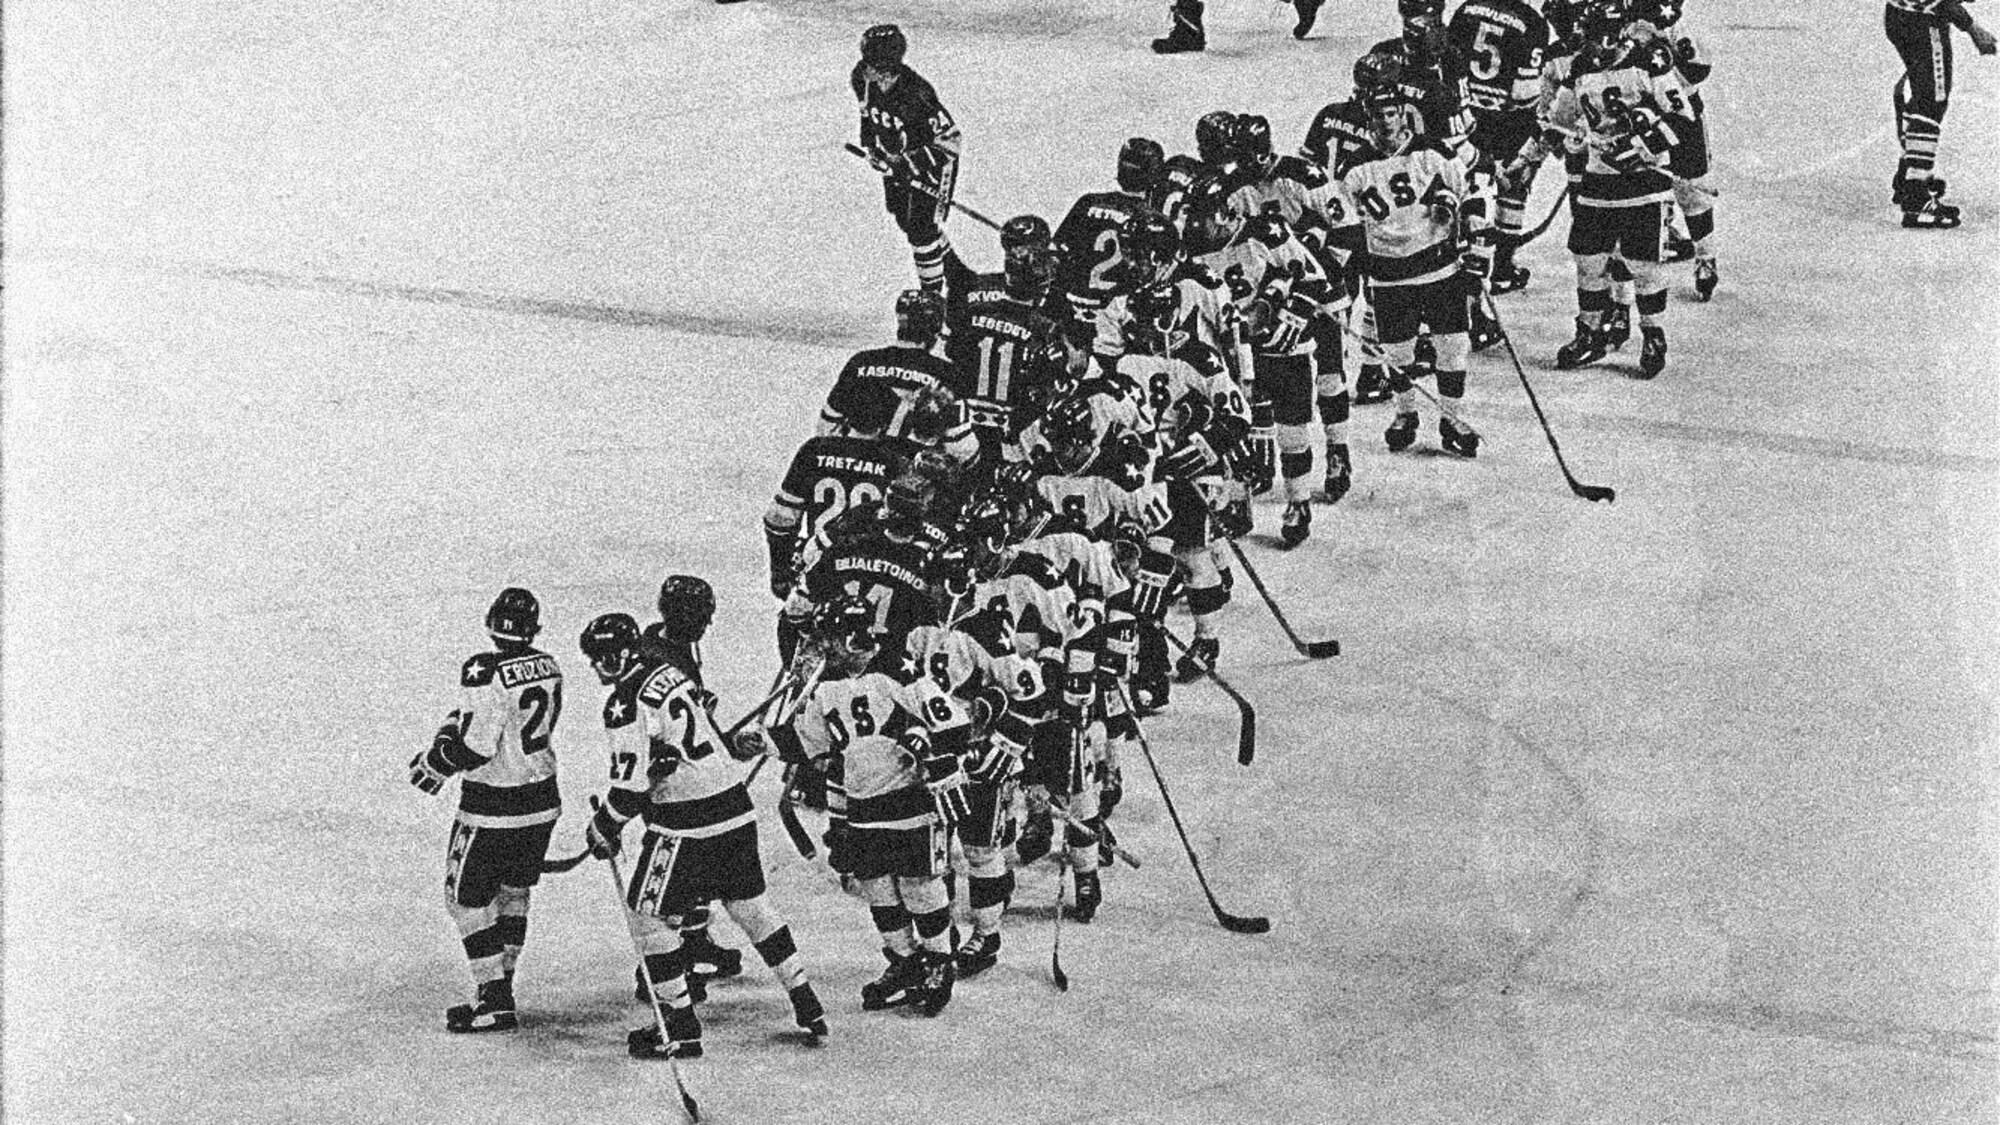 Les joueurs des États-Unis et ceux de l'URSS se serrent la main après la victoire américaine aux Jeux olympiques de Lake Placid.